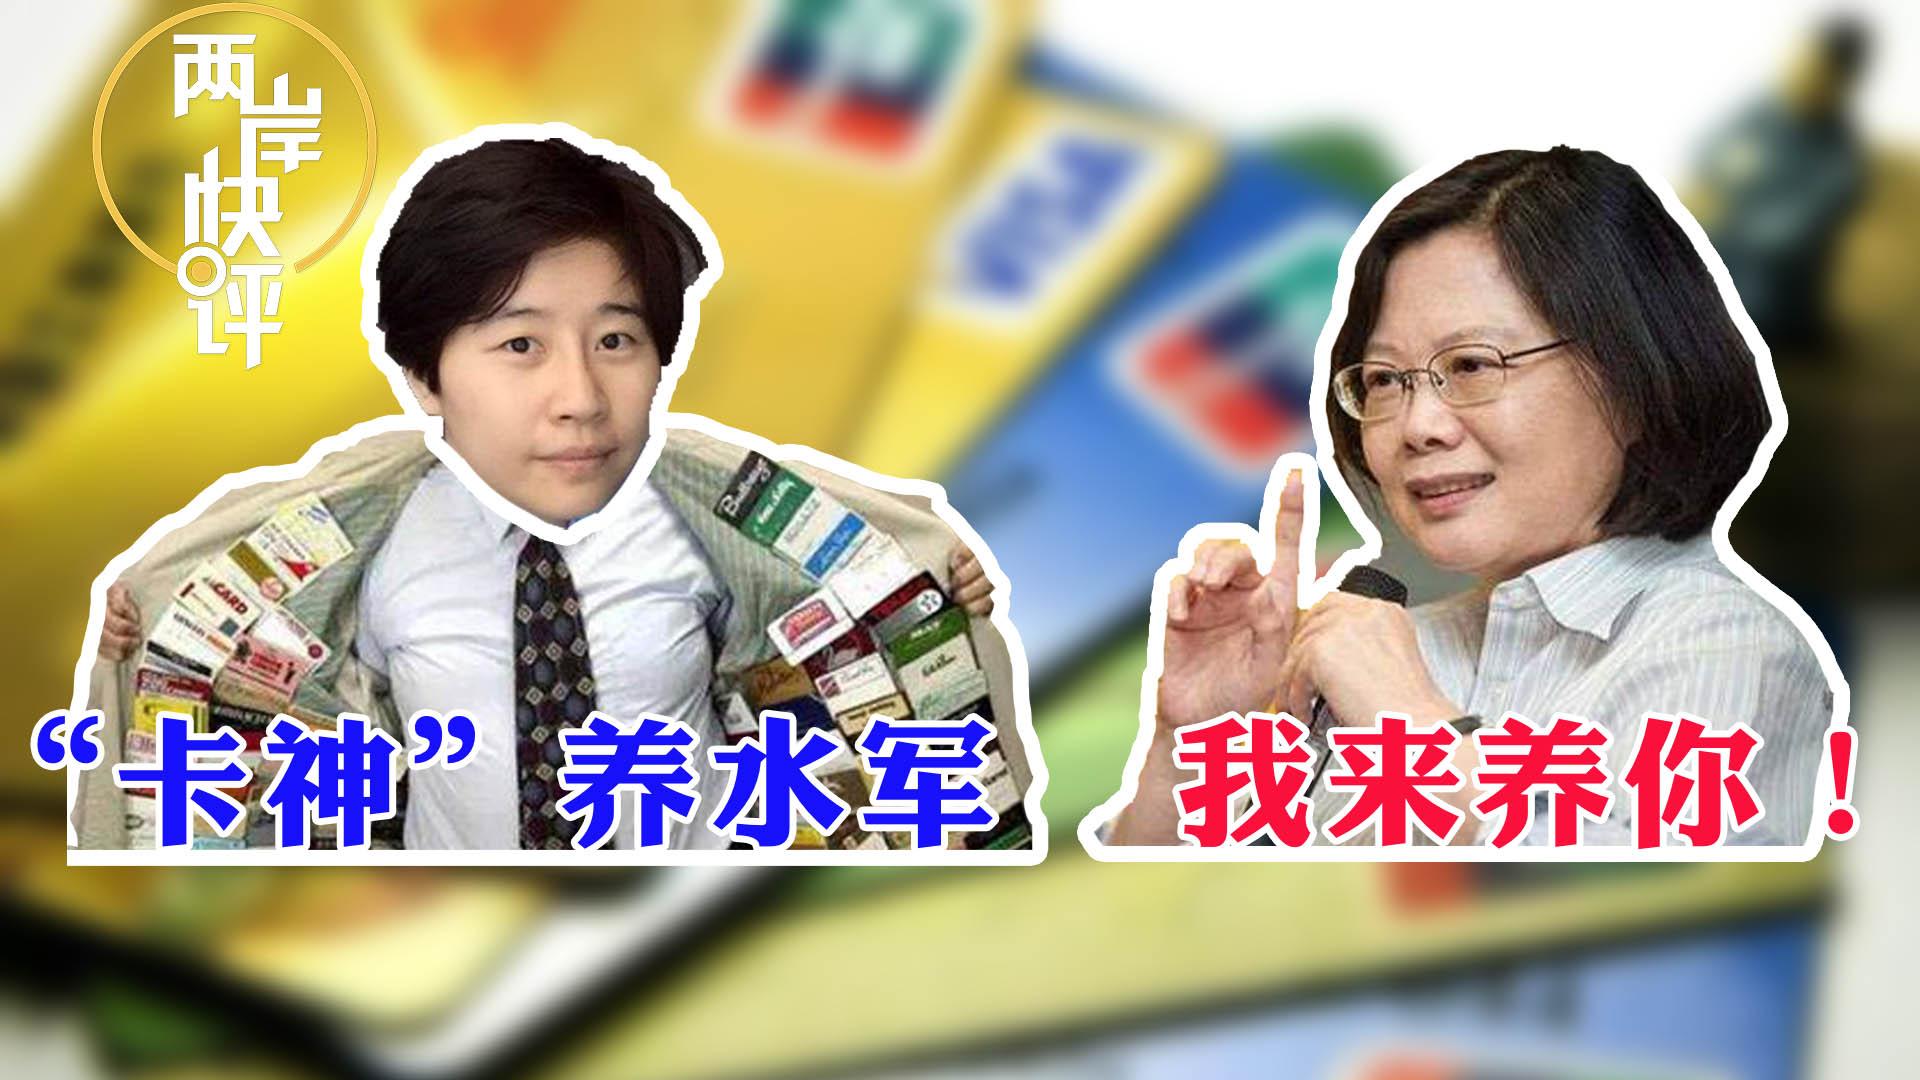 """""""卡神""""养水军,谁来养""""卡神""""?揪出杨蕙如幕后黑手!.jpg"""